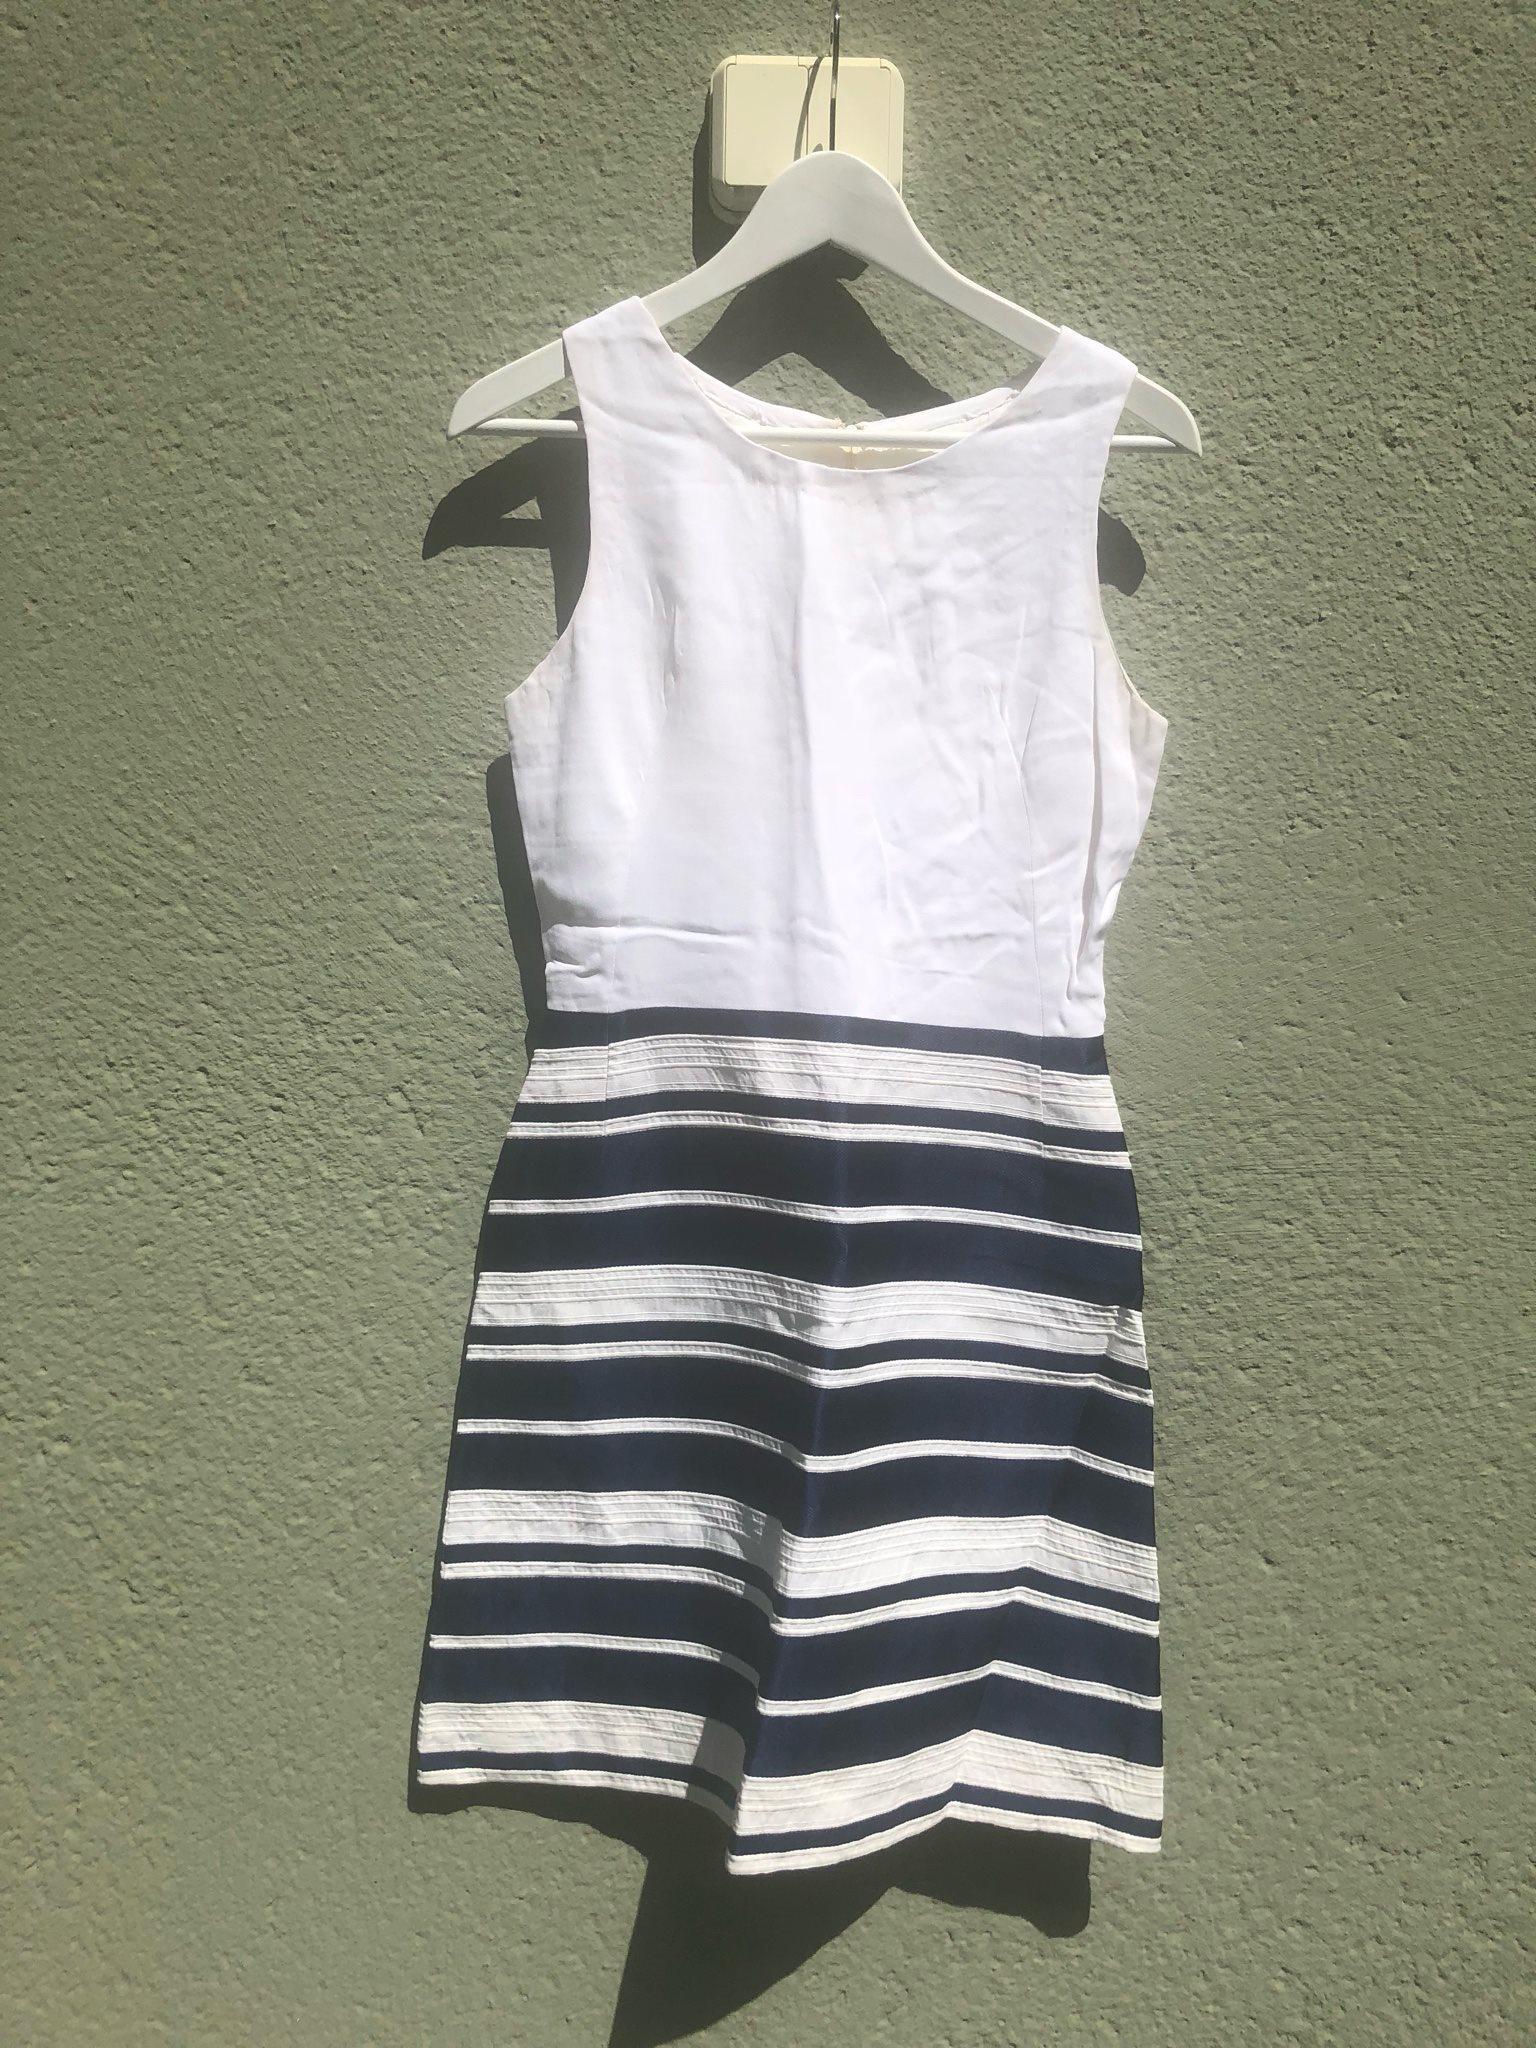 Fin Vintage klänning randig vit blå 60-tal stl .. (339975937) ᐈ Köp ... 0c3bd9563acbb